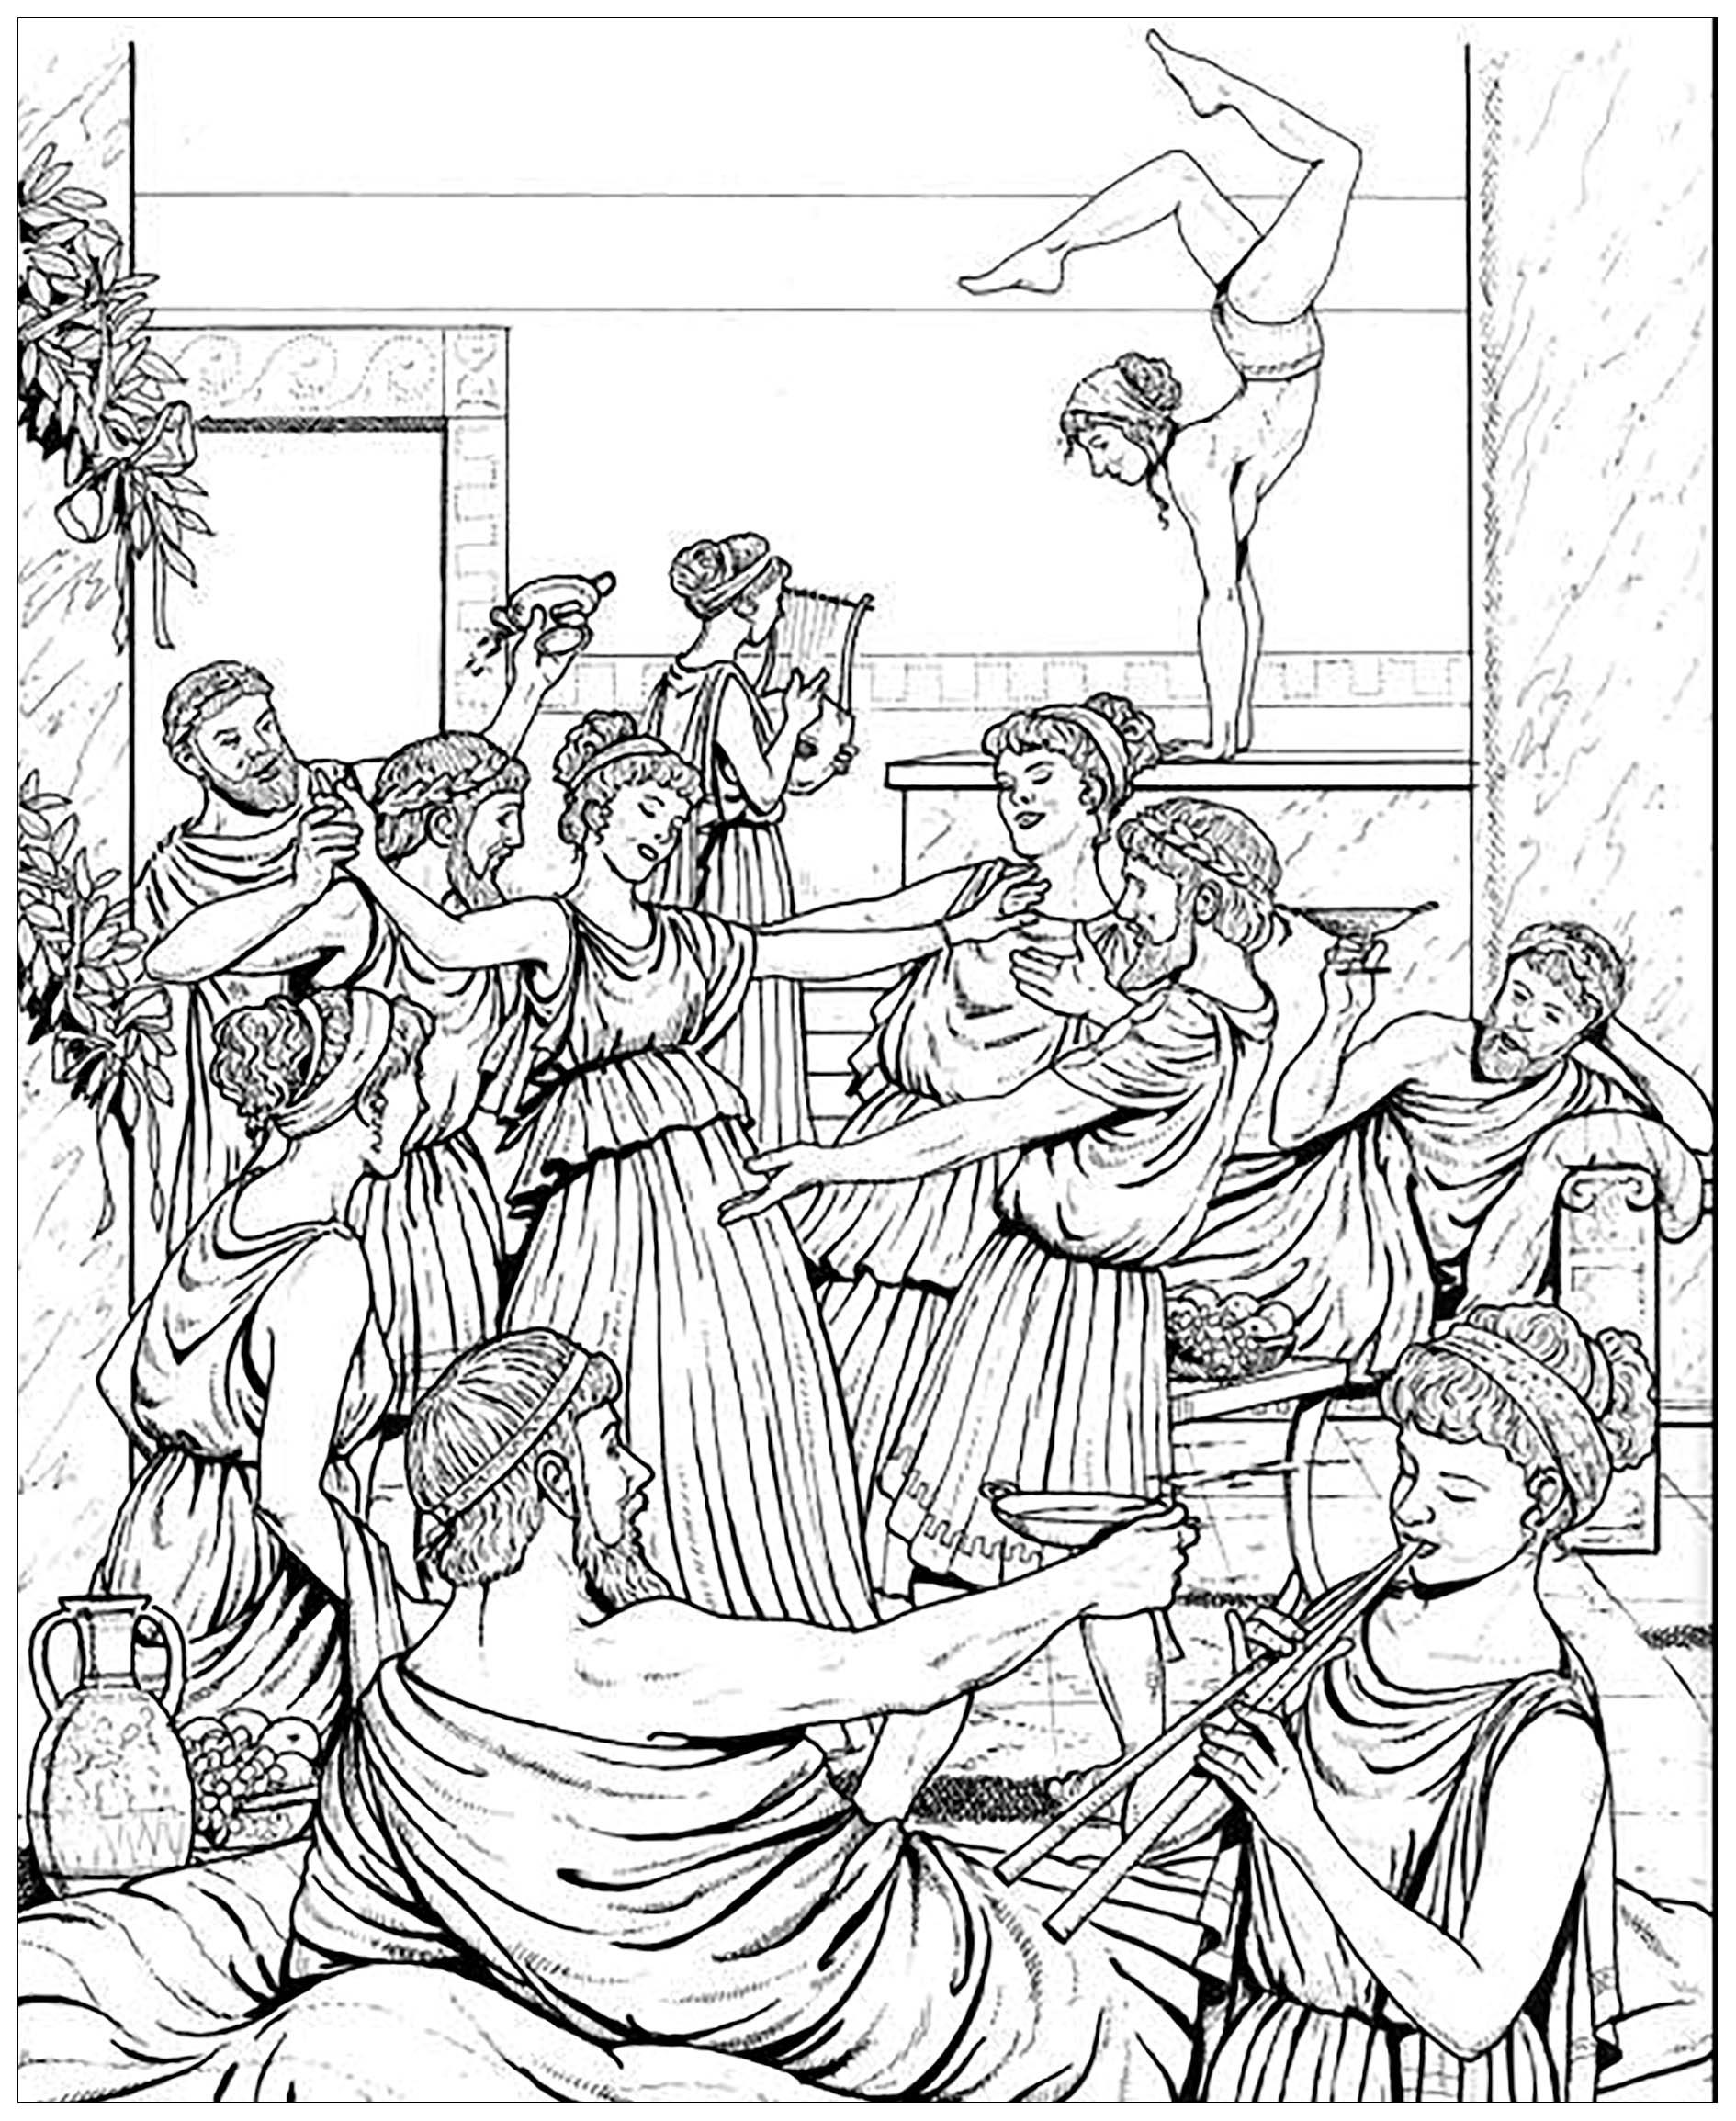 Coloriage provenant du livre 'La vie dans la Grèce Antique'